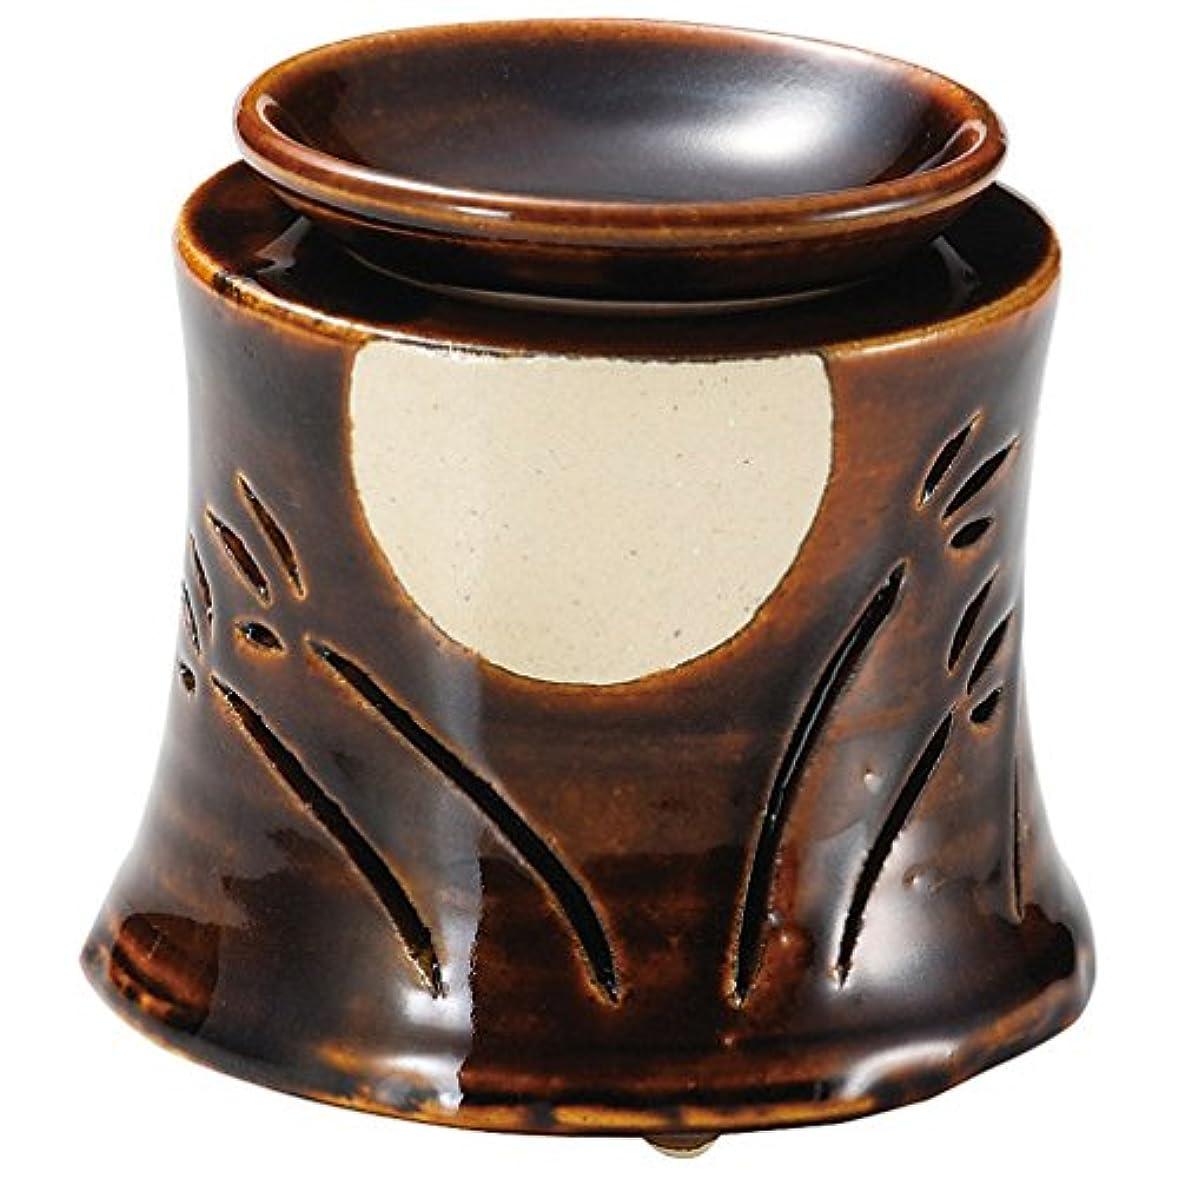 相談するプレゼントおもちゃ山下工芸 常滑焼 佳窯アメ釉十五夜茶香炉 11×11.5×11.5cm 13045760